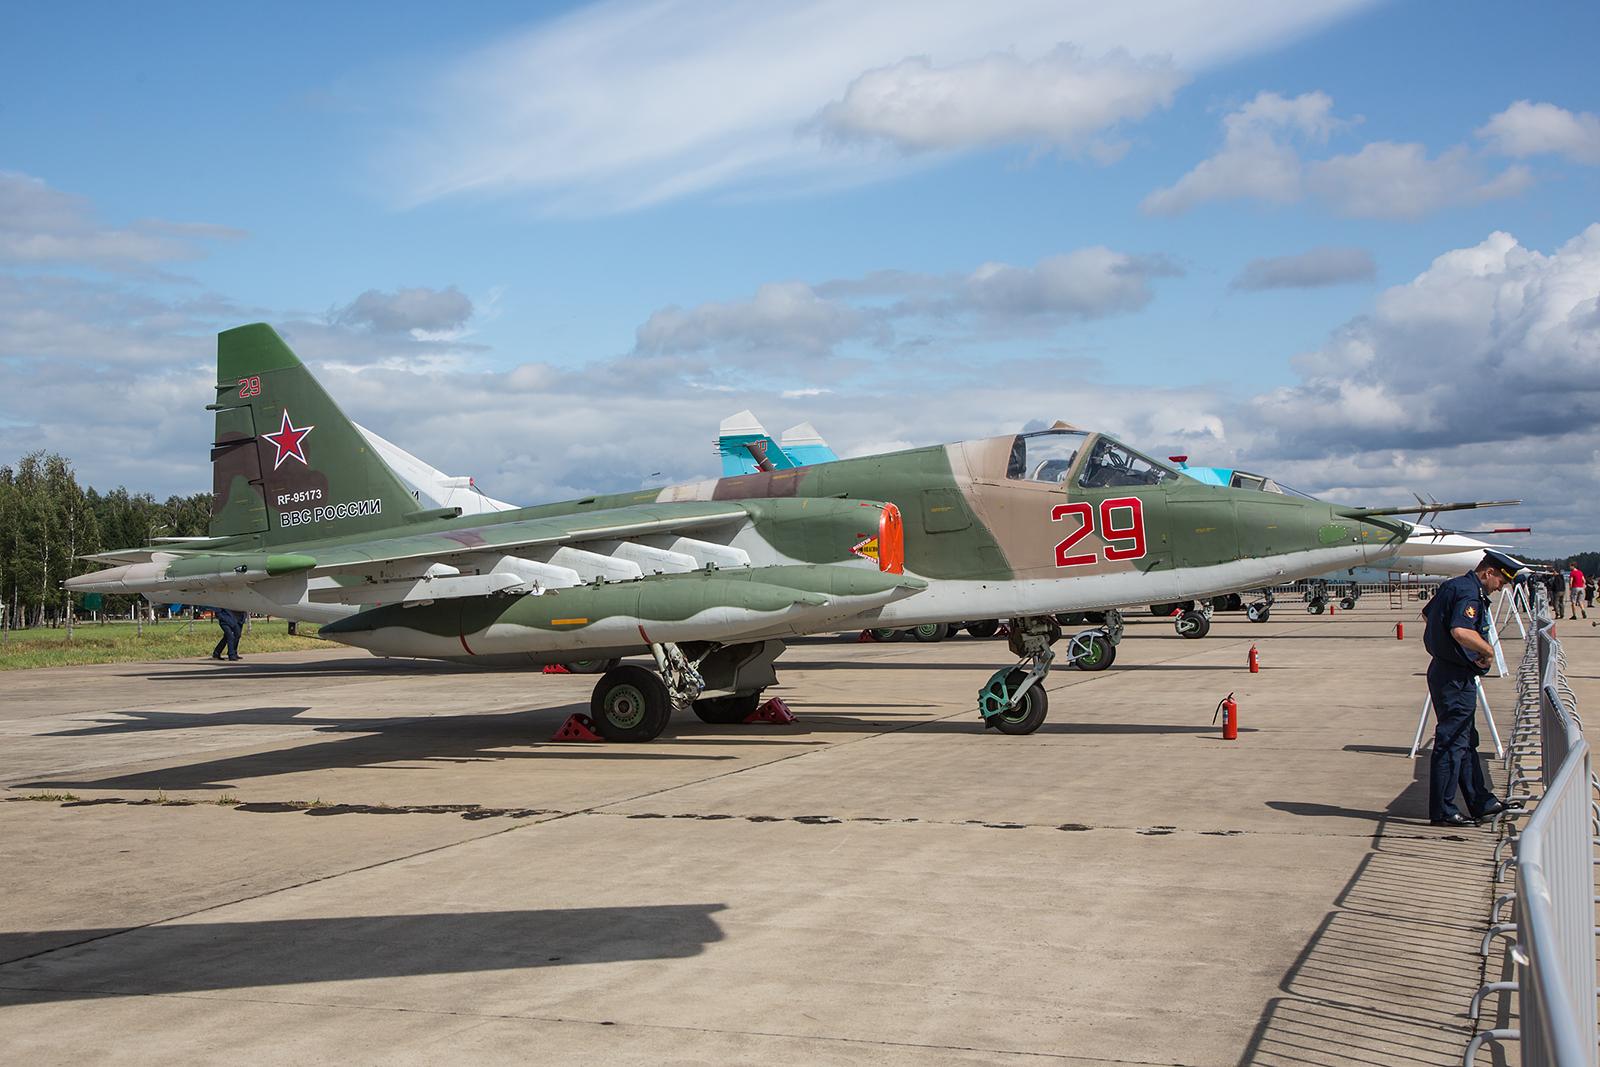 Das Erdkampfflugzueg Sukhoi Su-25 wird in der russischen Luftwaffe noch immer in großer Stückzahl eingesetzt.